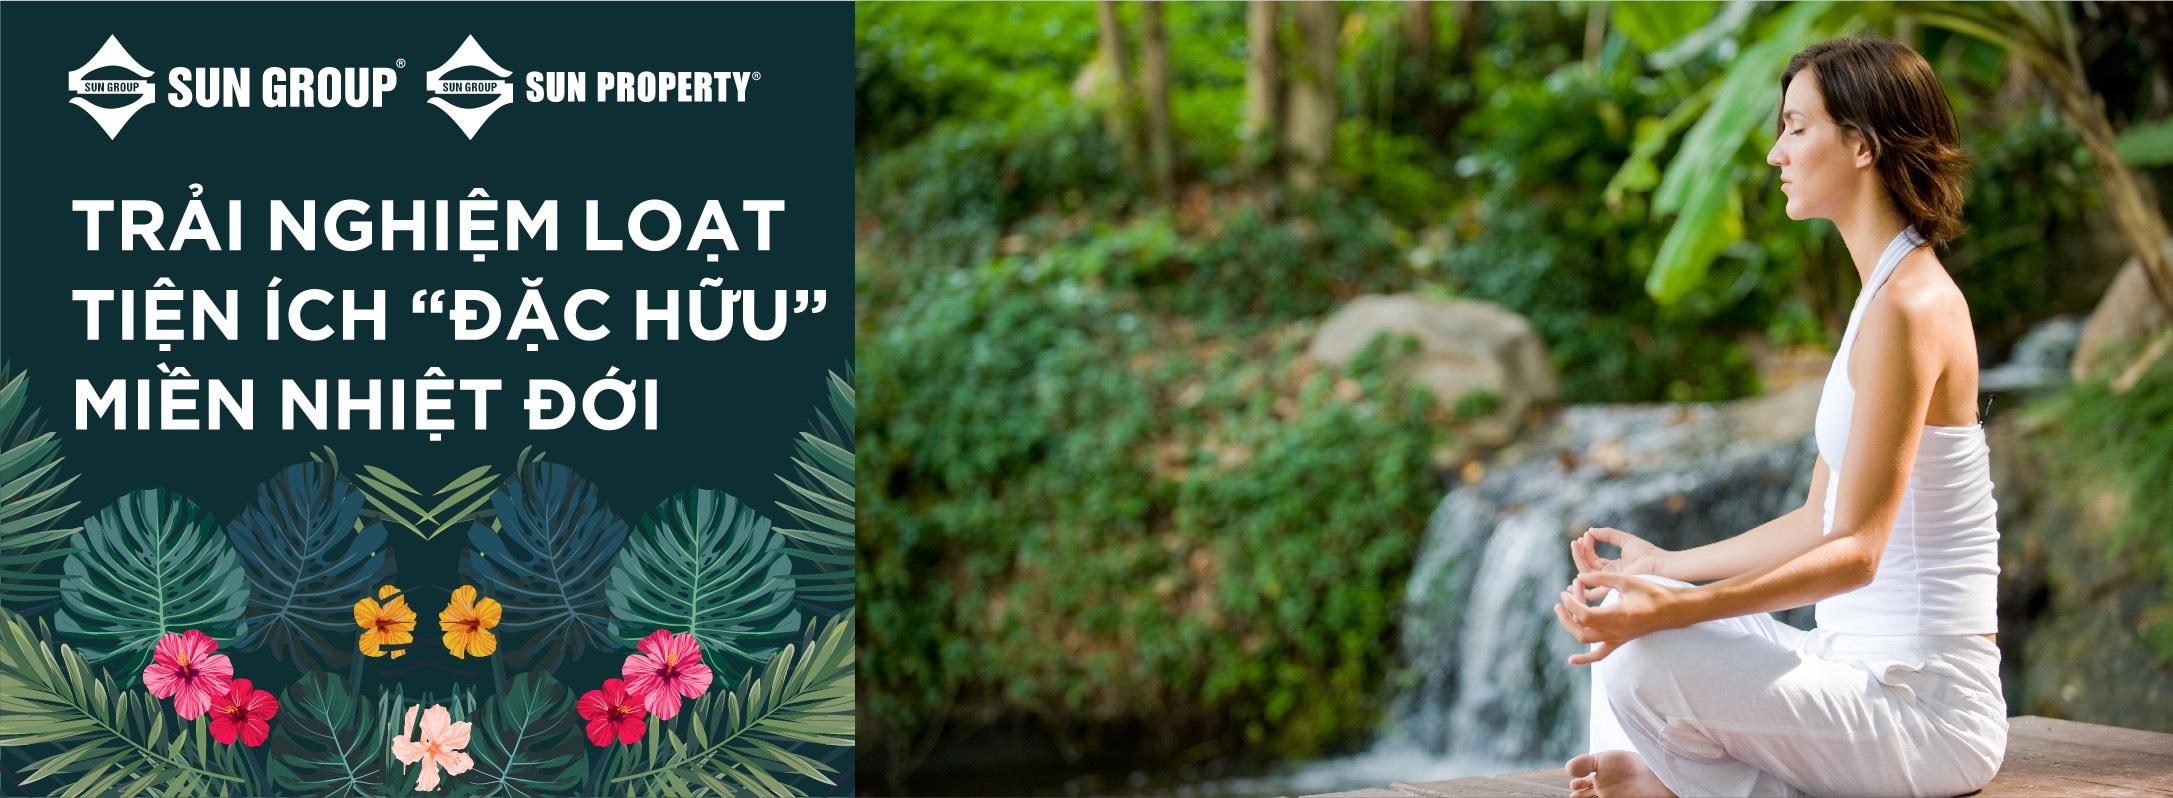 Tiện ích dự án Sun Tropical Village Nam Phú Quốc